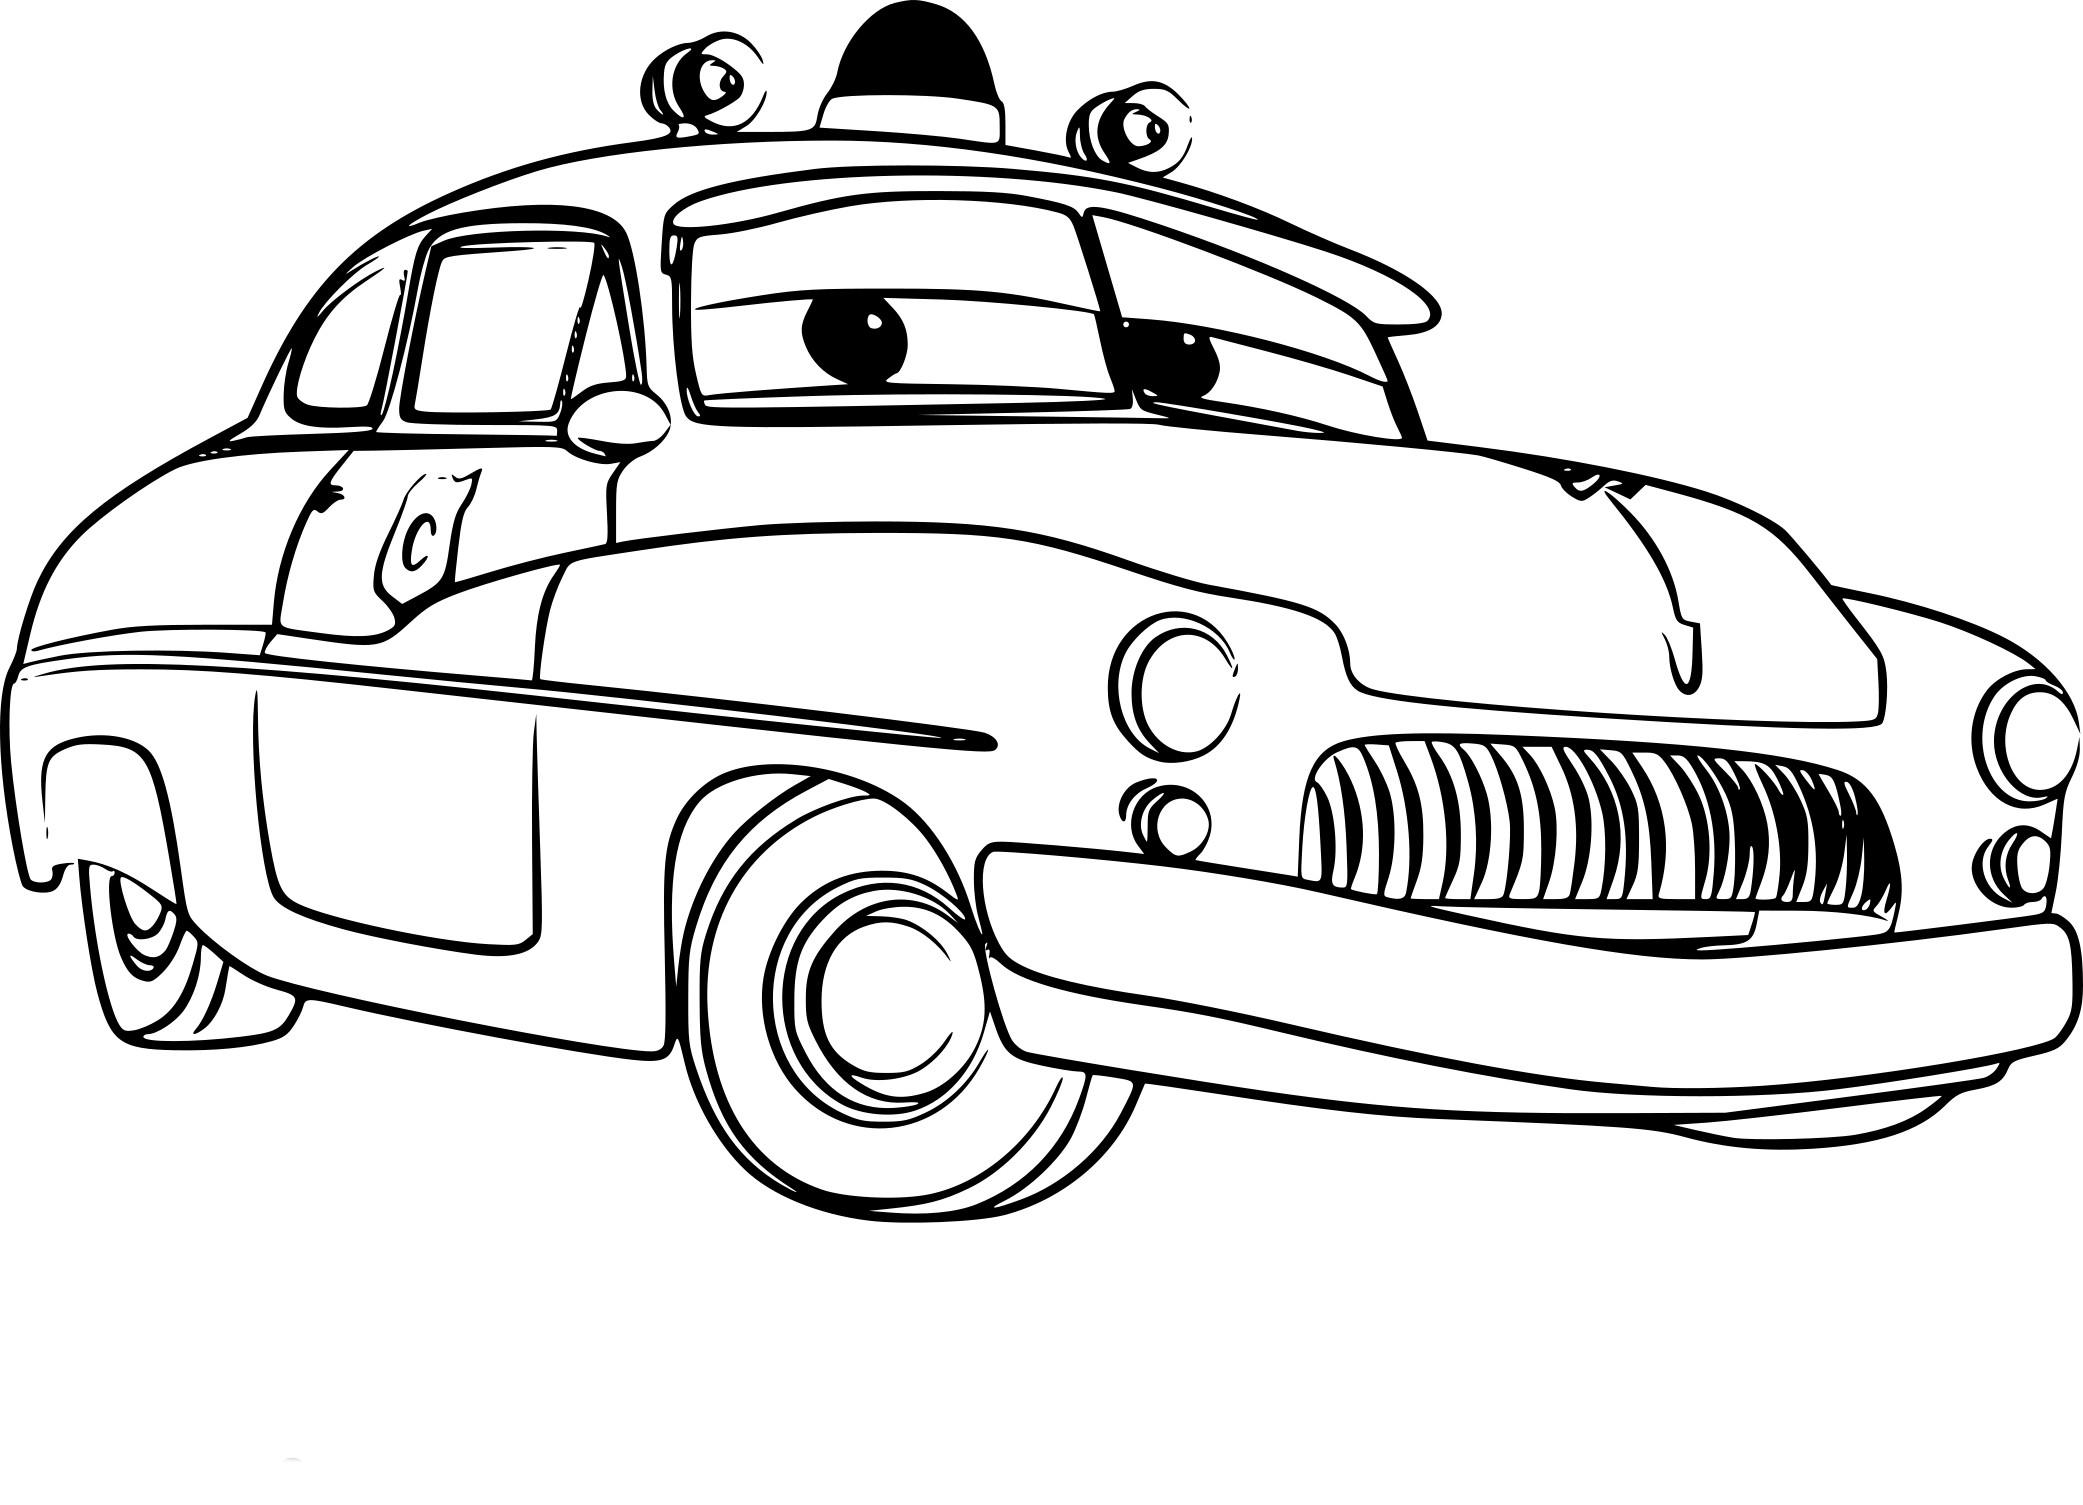 Coloriage Shériff Cars 3 À Imprimer tout Dessin A Imprimer Gratuit Cars